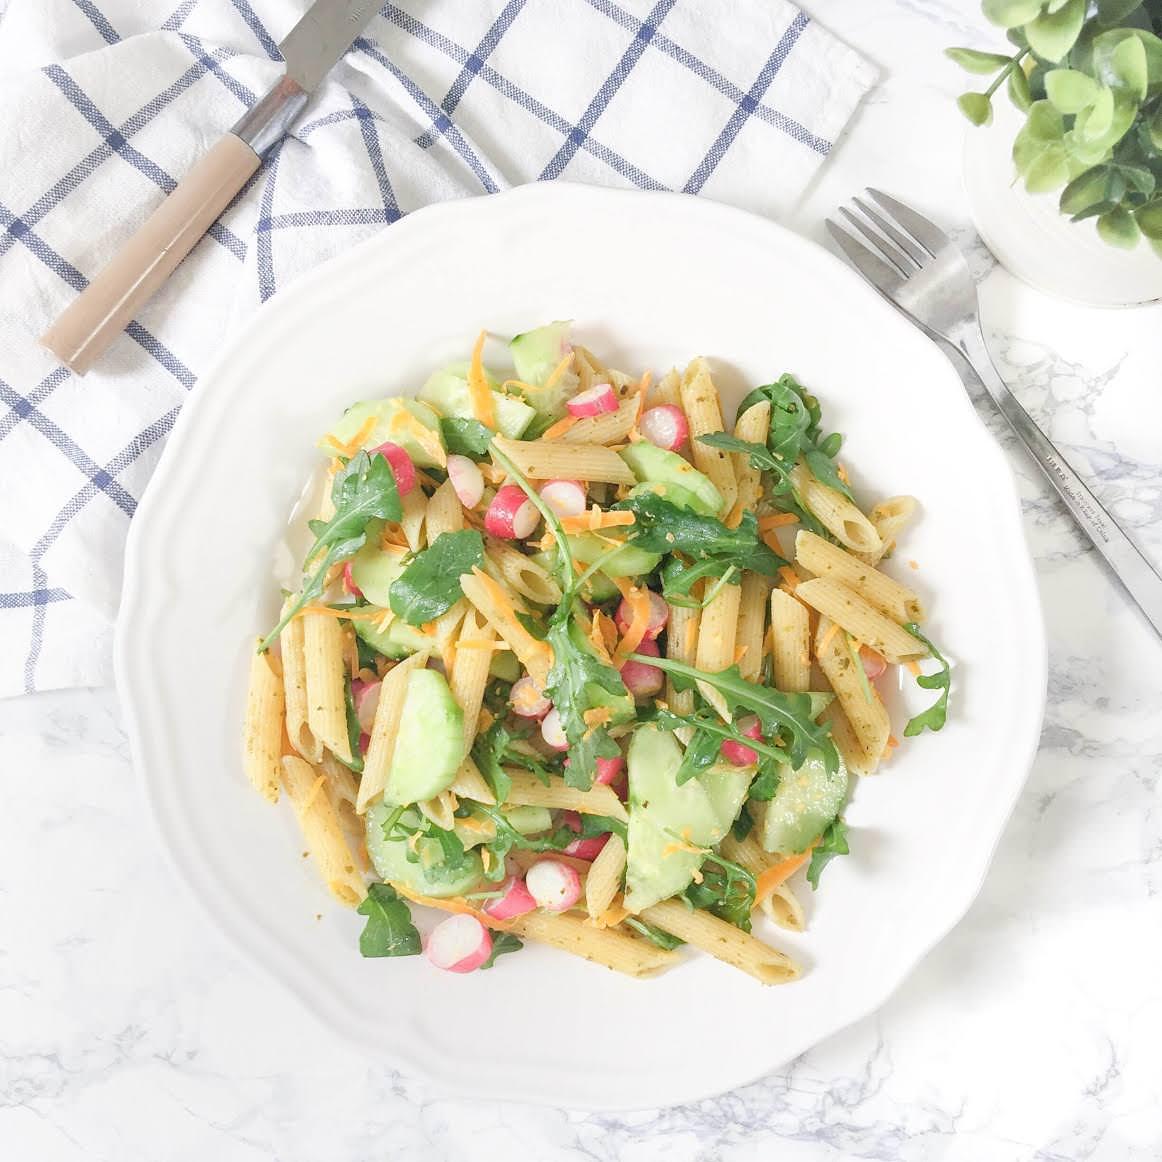 Blog-Mode-And-The-City-Lifestyle-5-PC-143-recette-salade-veggie-été